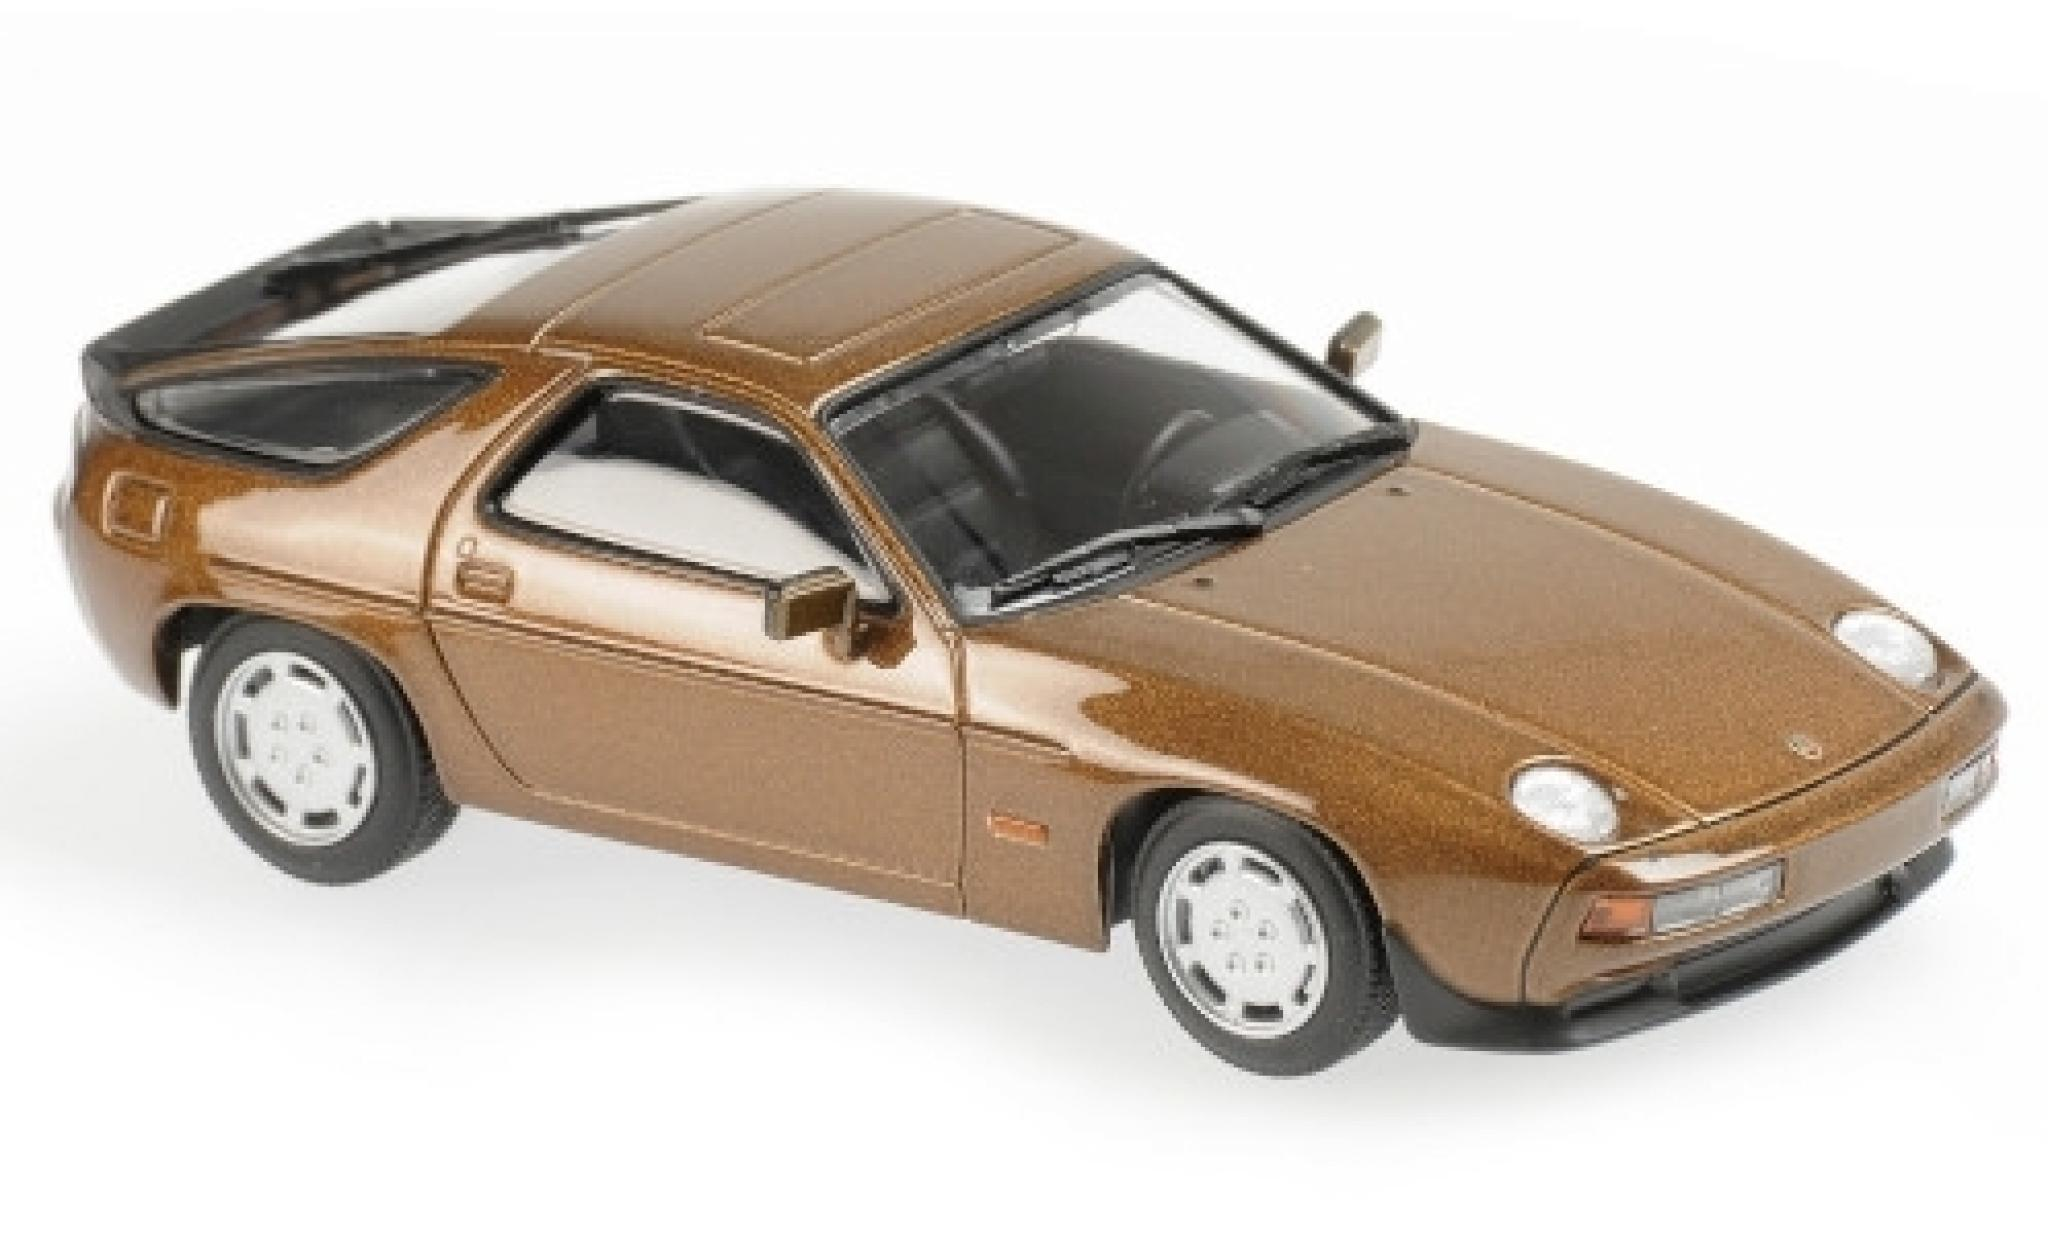 Porsche 928 1/43 Maxichamps S metallise marron 1979